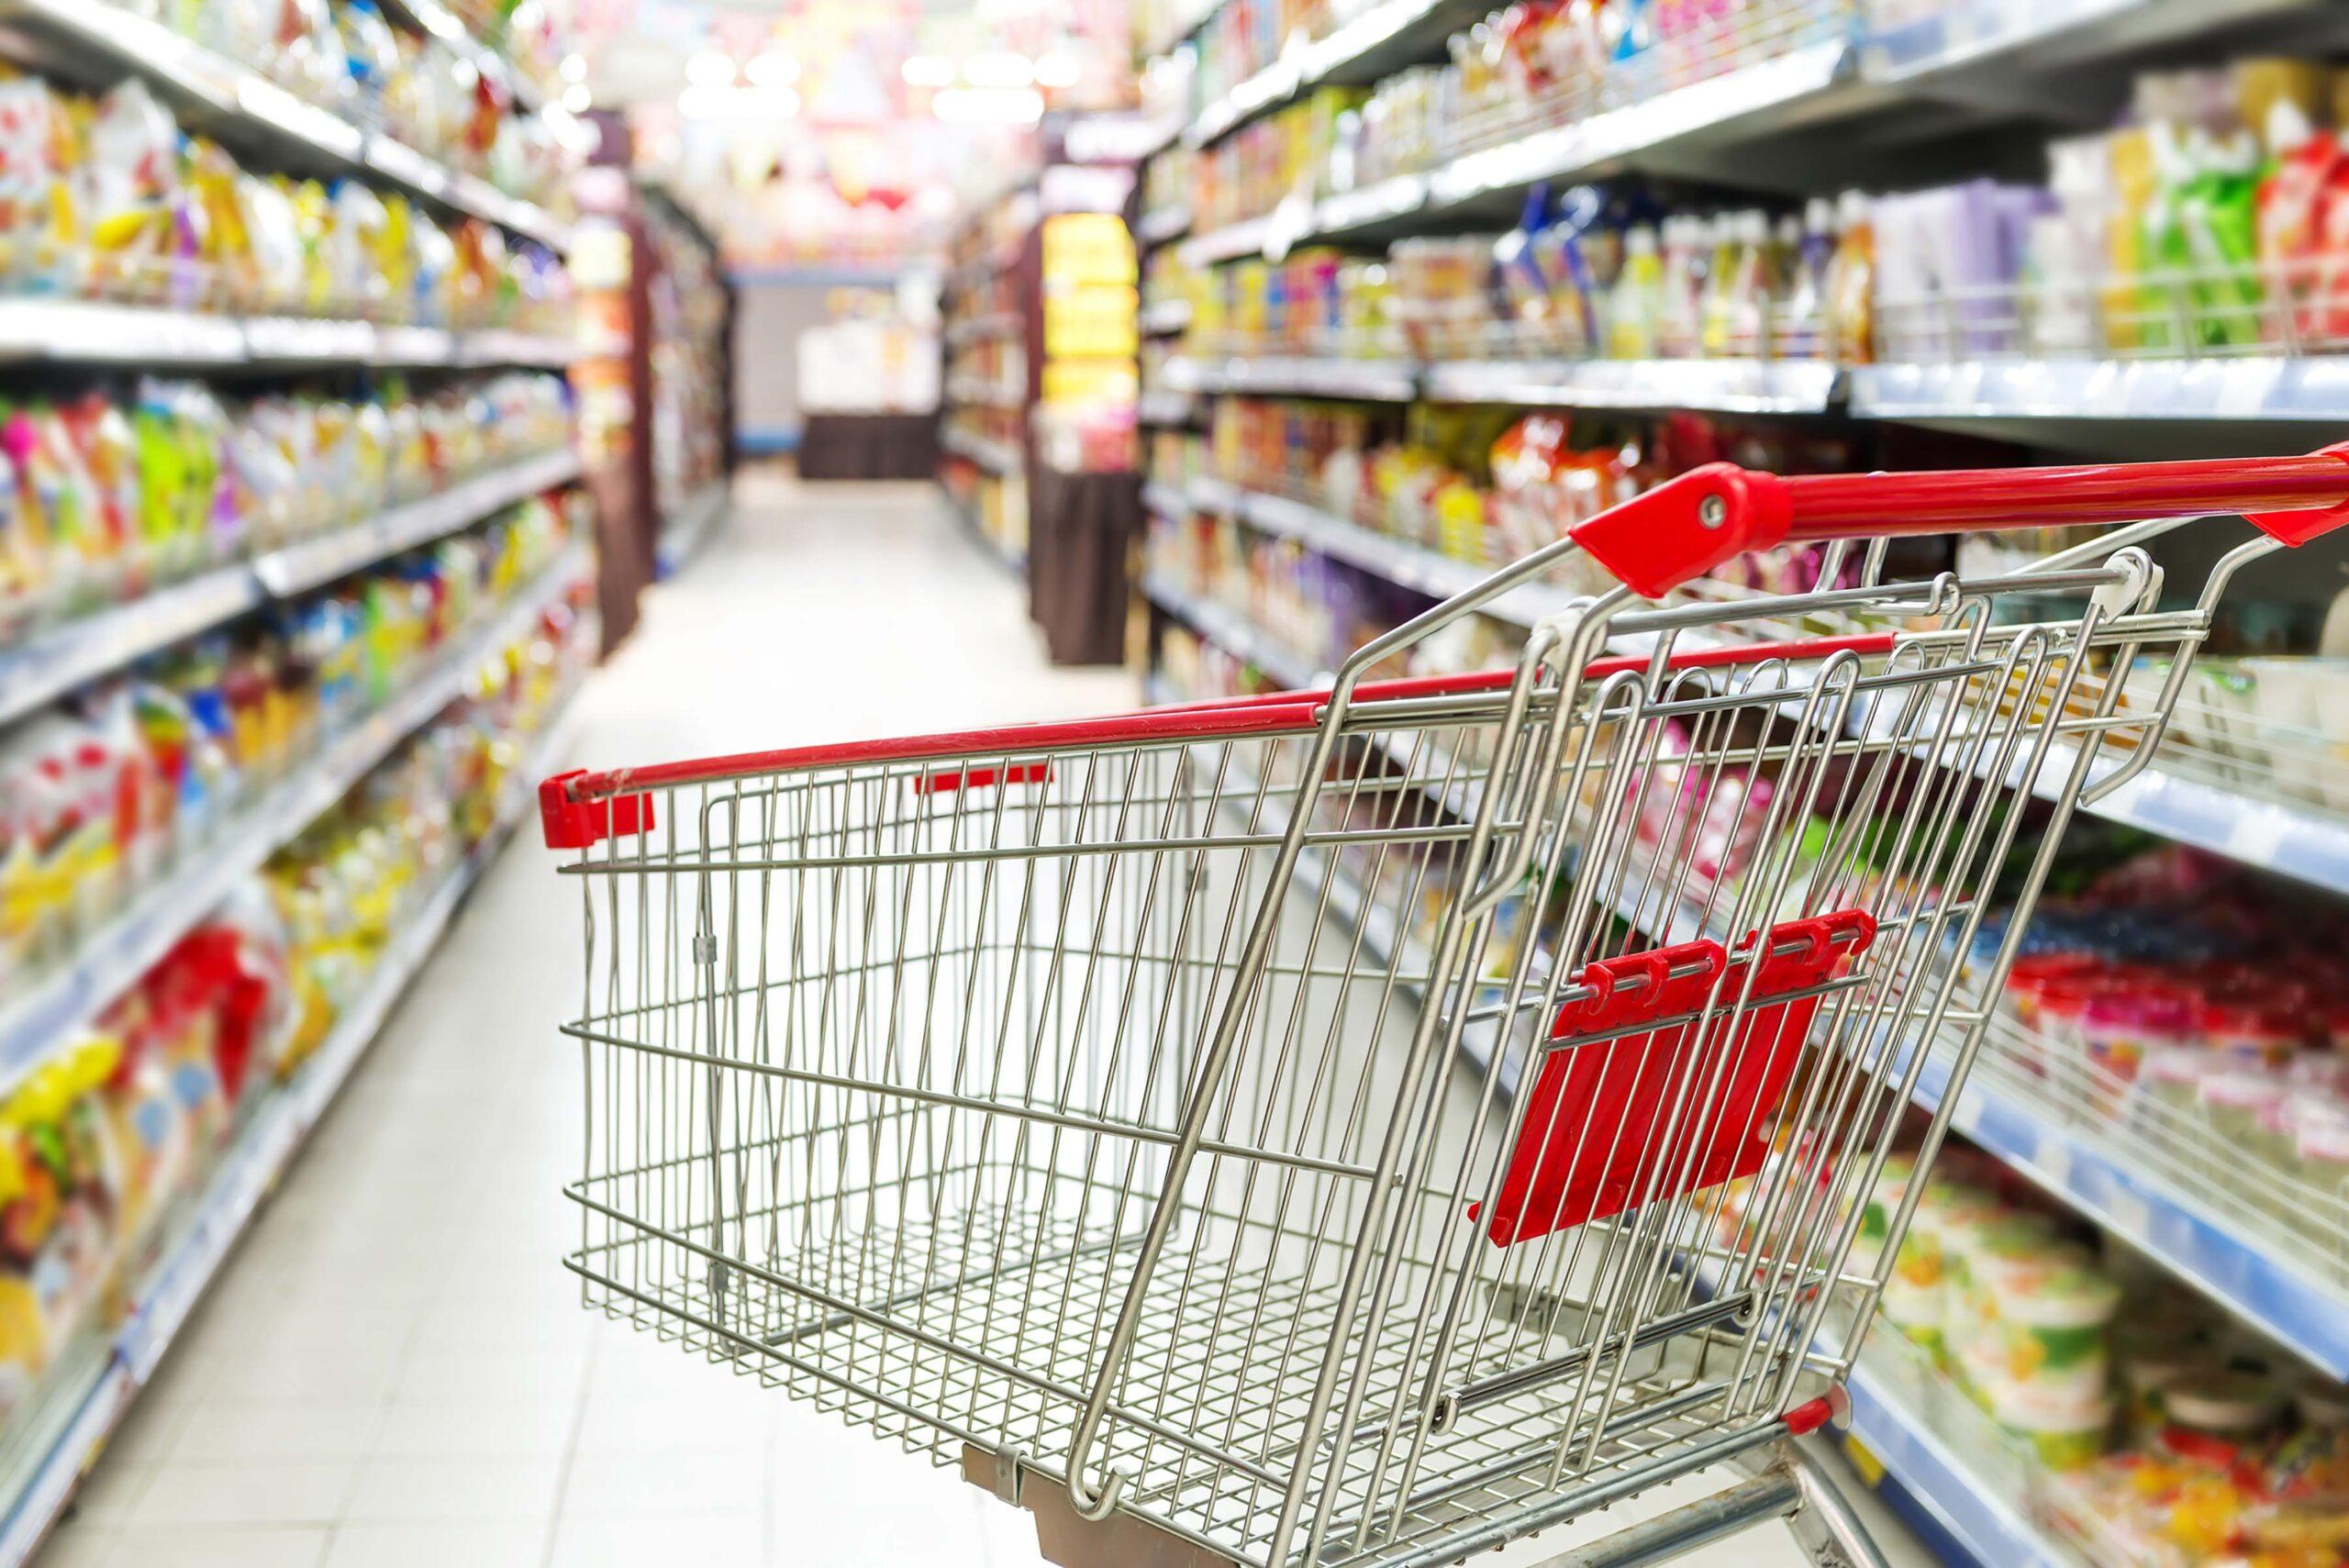 La canasta básica alimentaria aumentó 45,5% en 2020